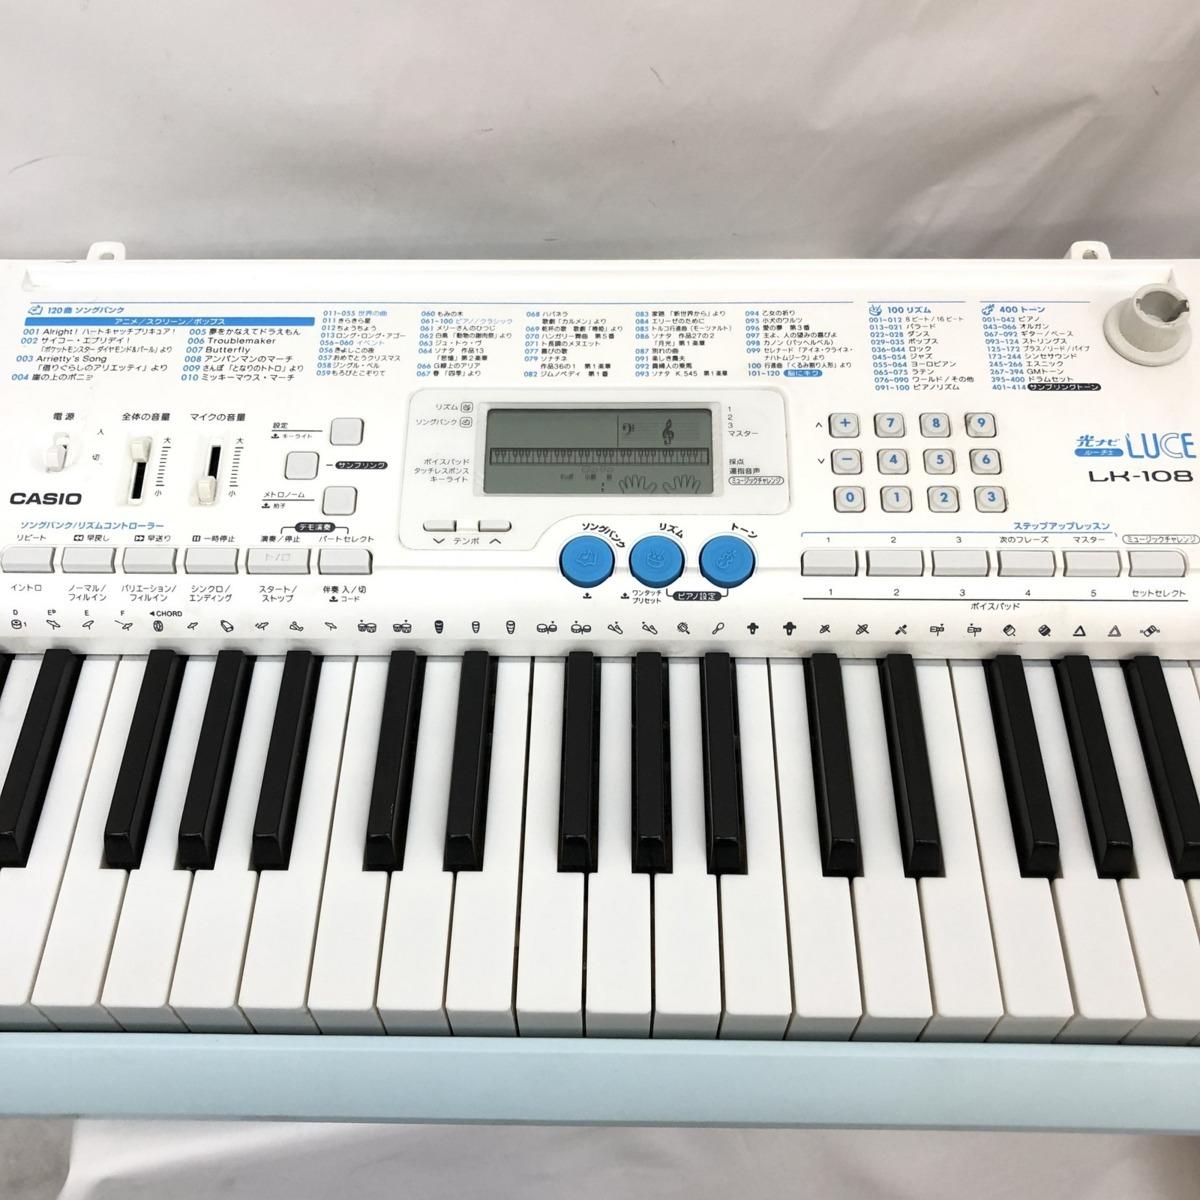 中古 CASIO カシオ 電子キーボード 光ナビゲーション LK-108 61鍵盤 ホワイト ライトブルー タッチレスポンス 電子ピアノ H15123_画像6